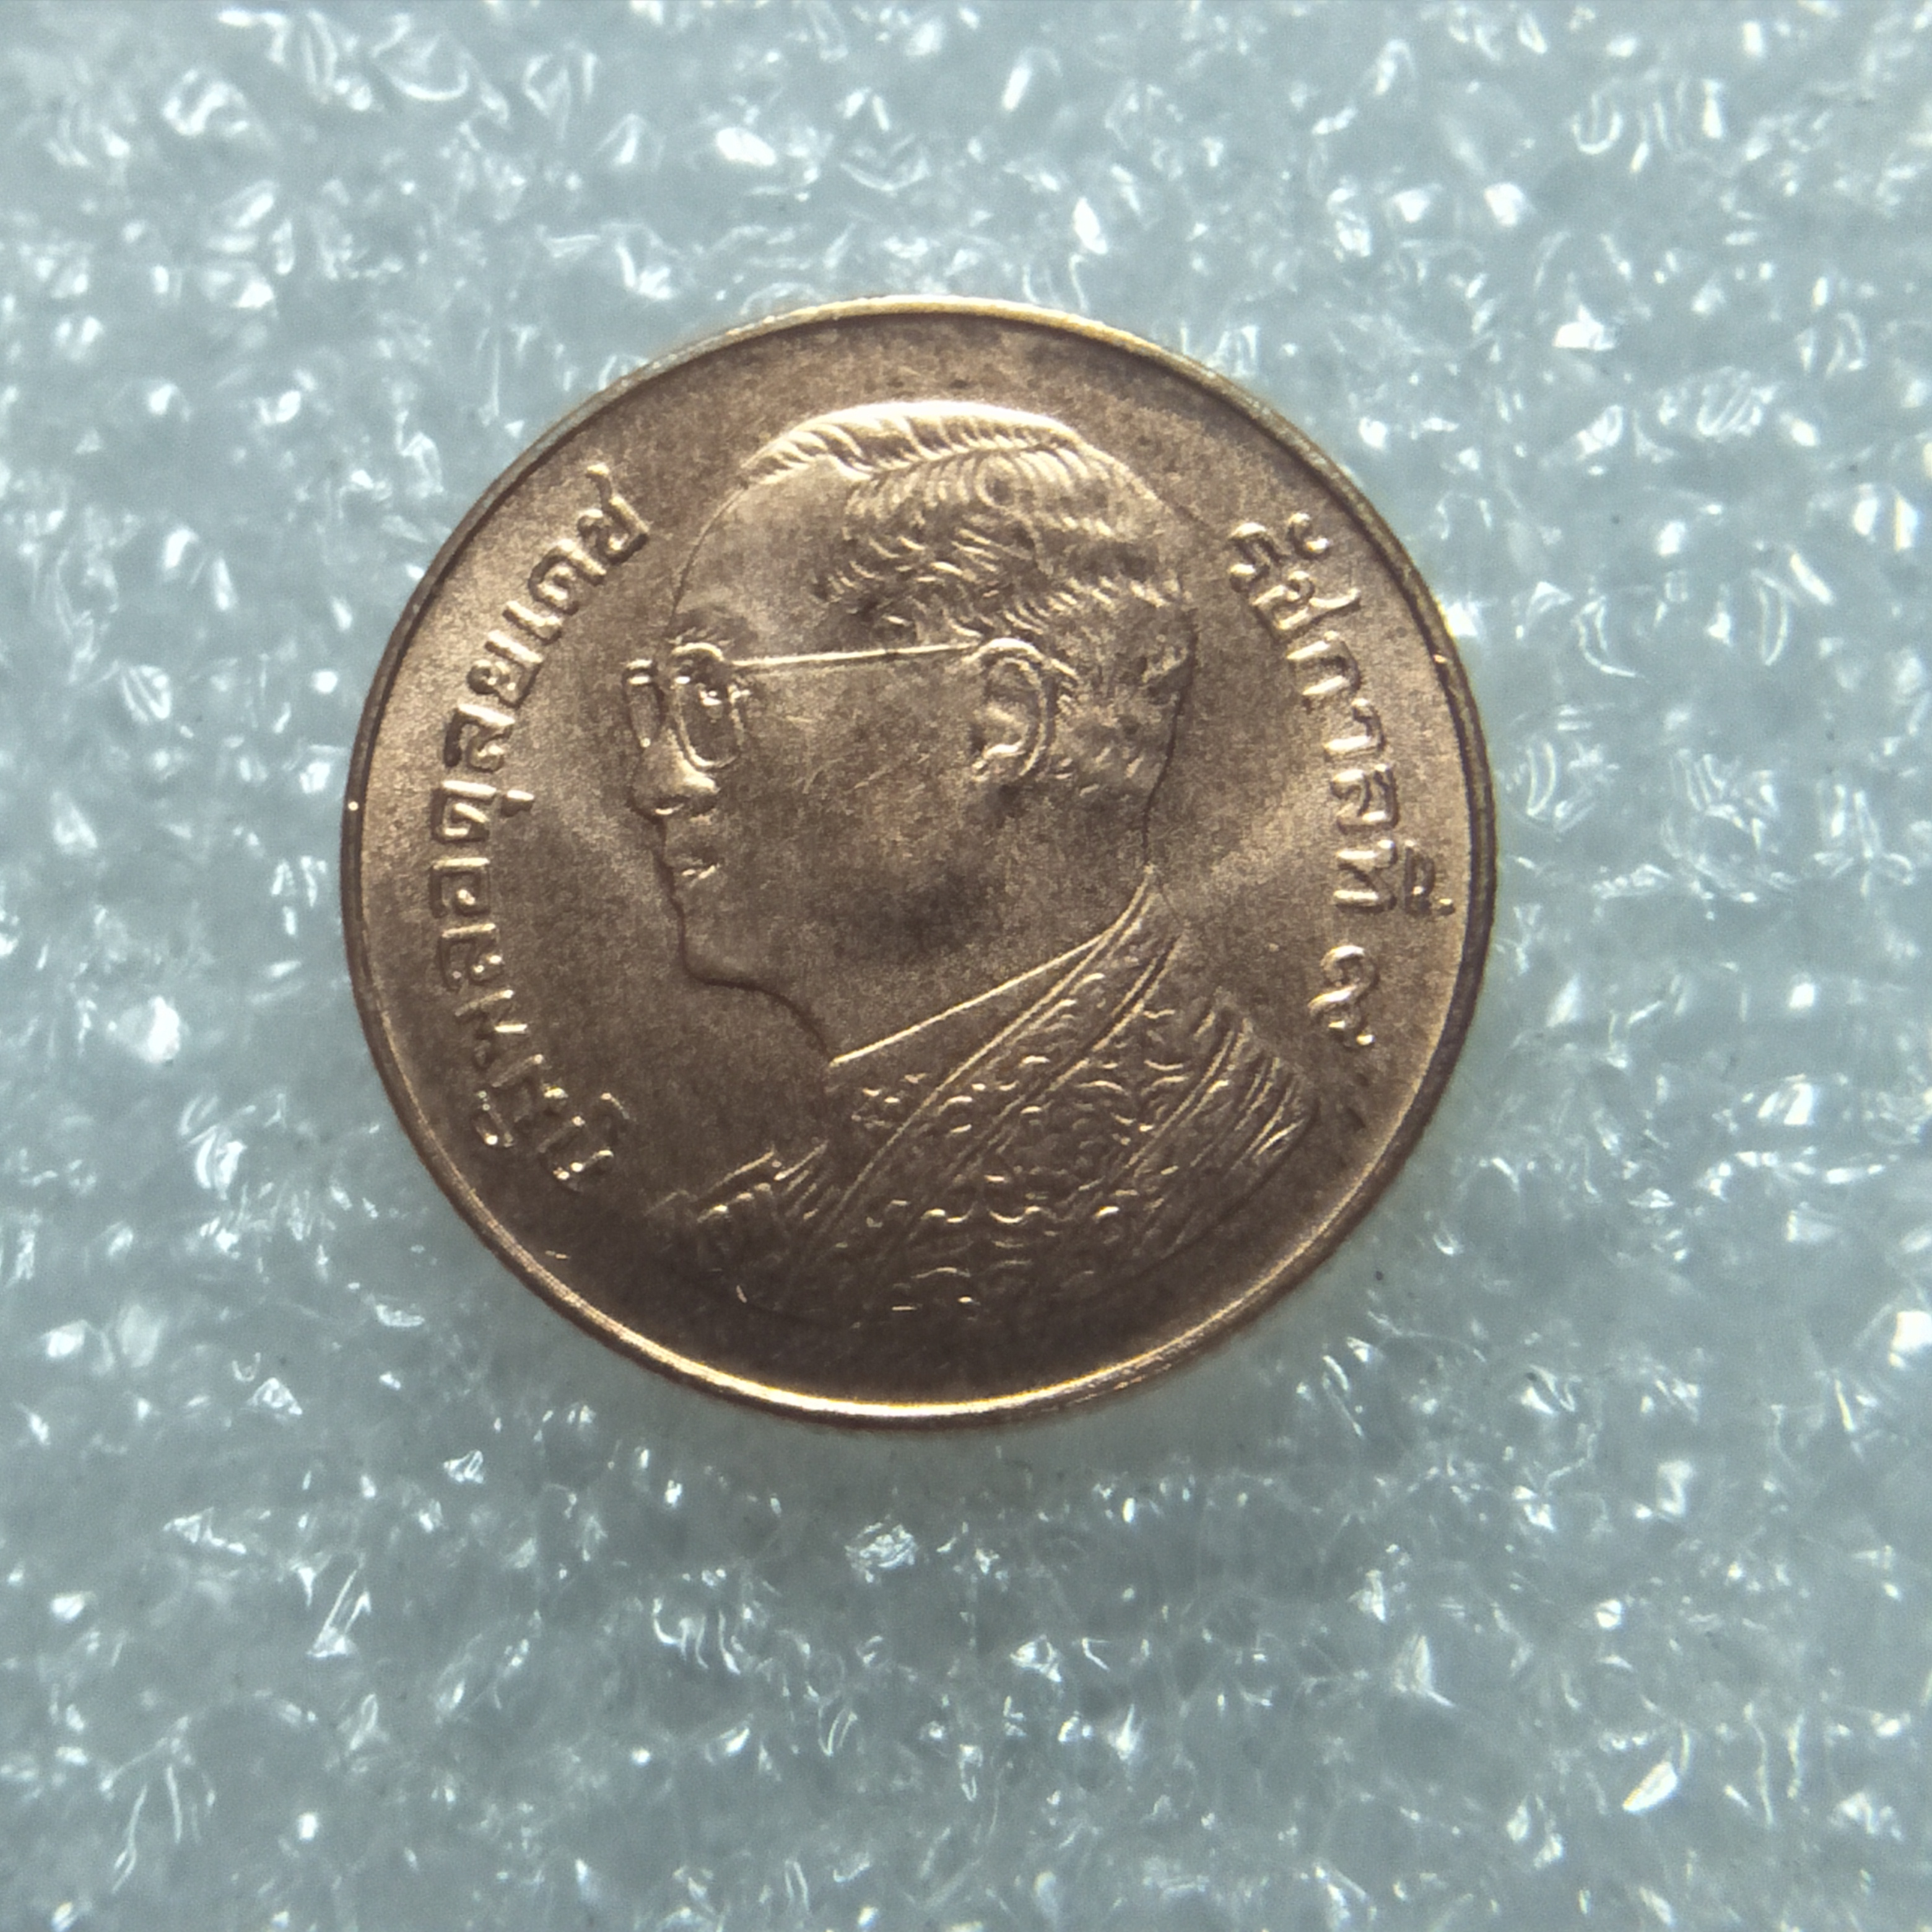 เหรียญ 25 สตางค์ 2560 ไม่ผ่านใช้ UNC